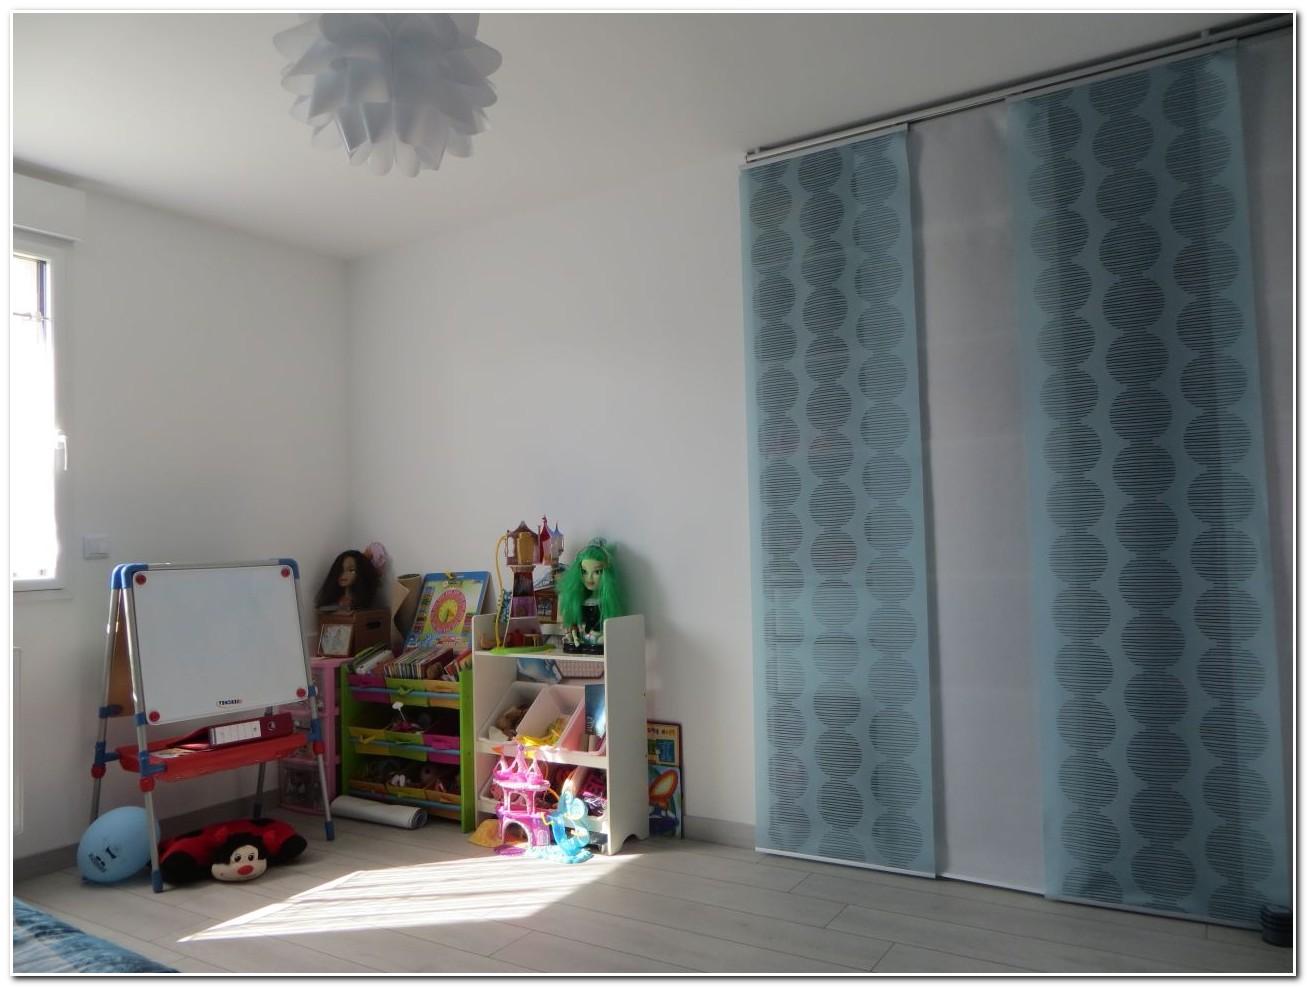 rideaux panneaux japonais ikea rideau id es de d coration de maison lmb8r0el53. Black Bedroom Furniture Sets. Home Design Ideas